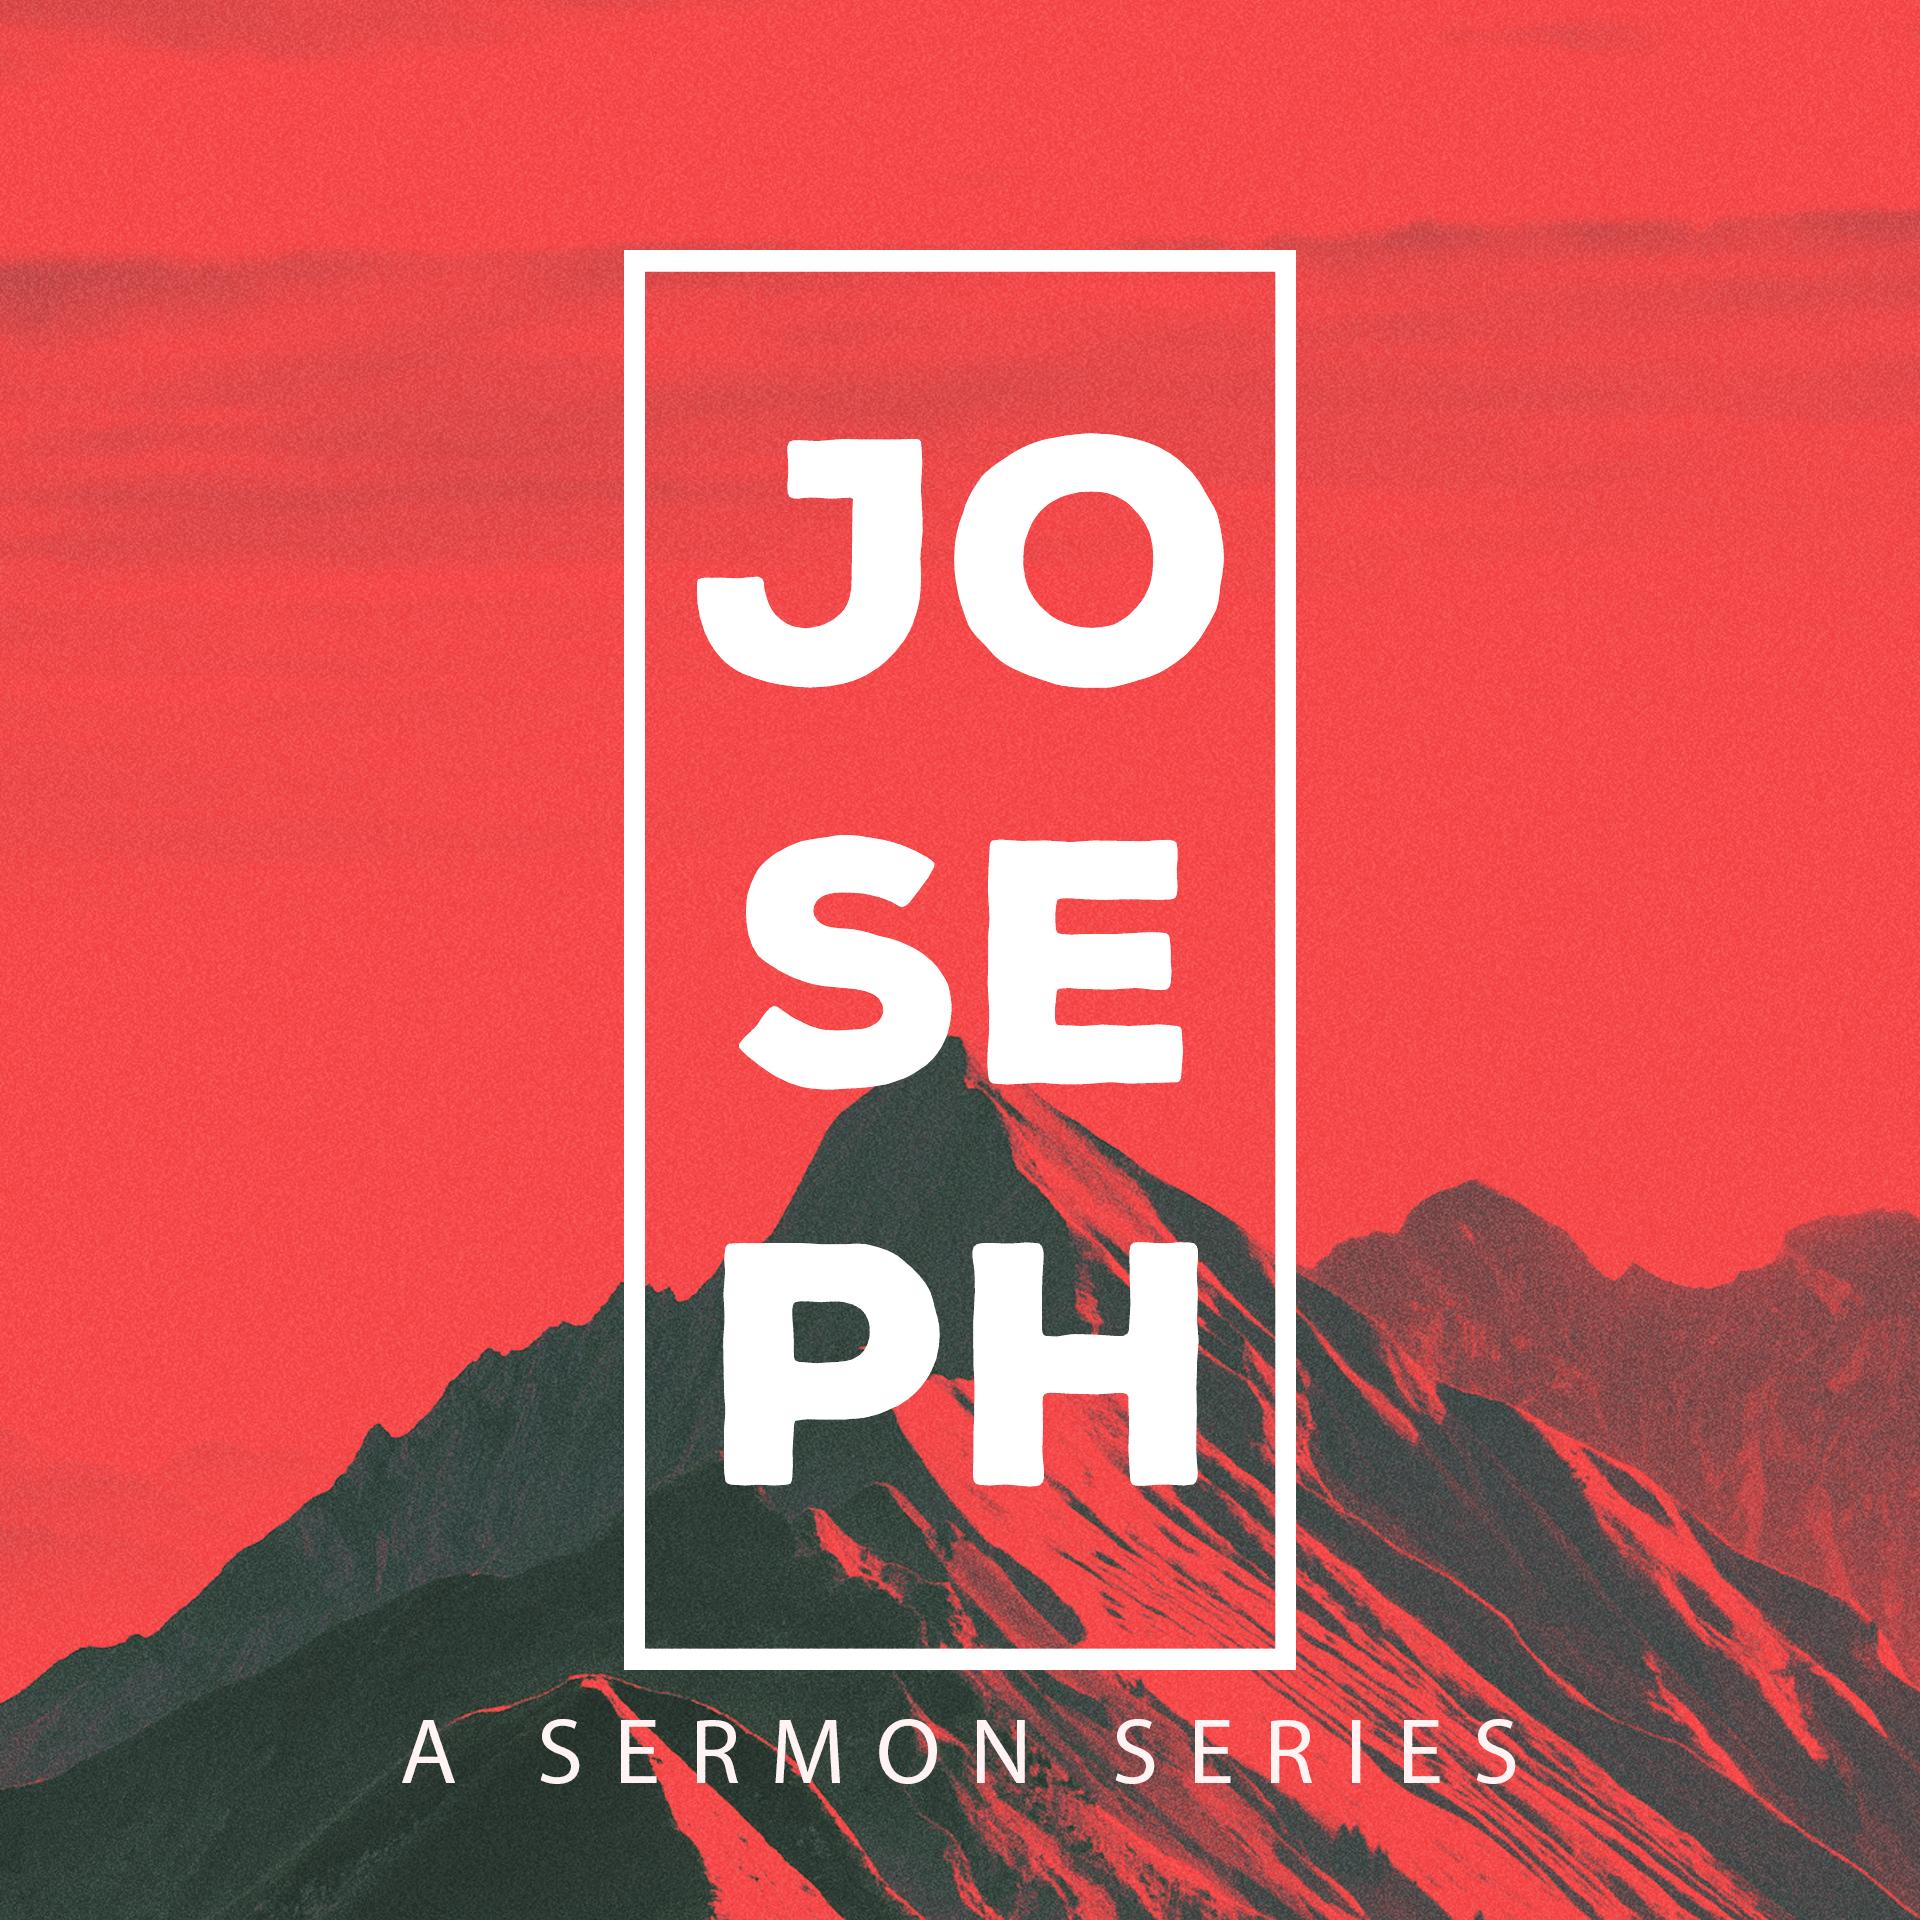 Joseph-Album.jpg